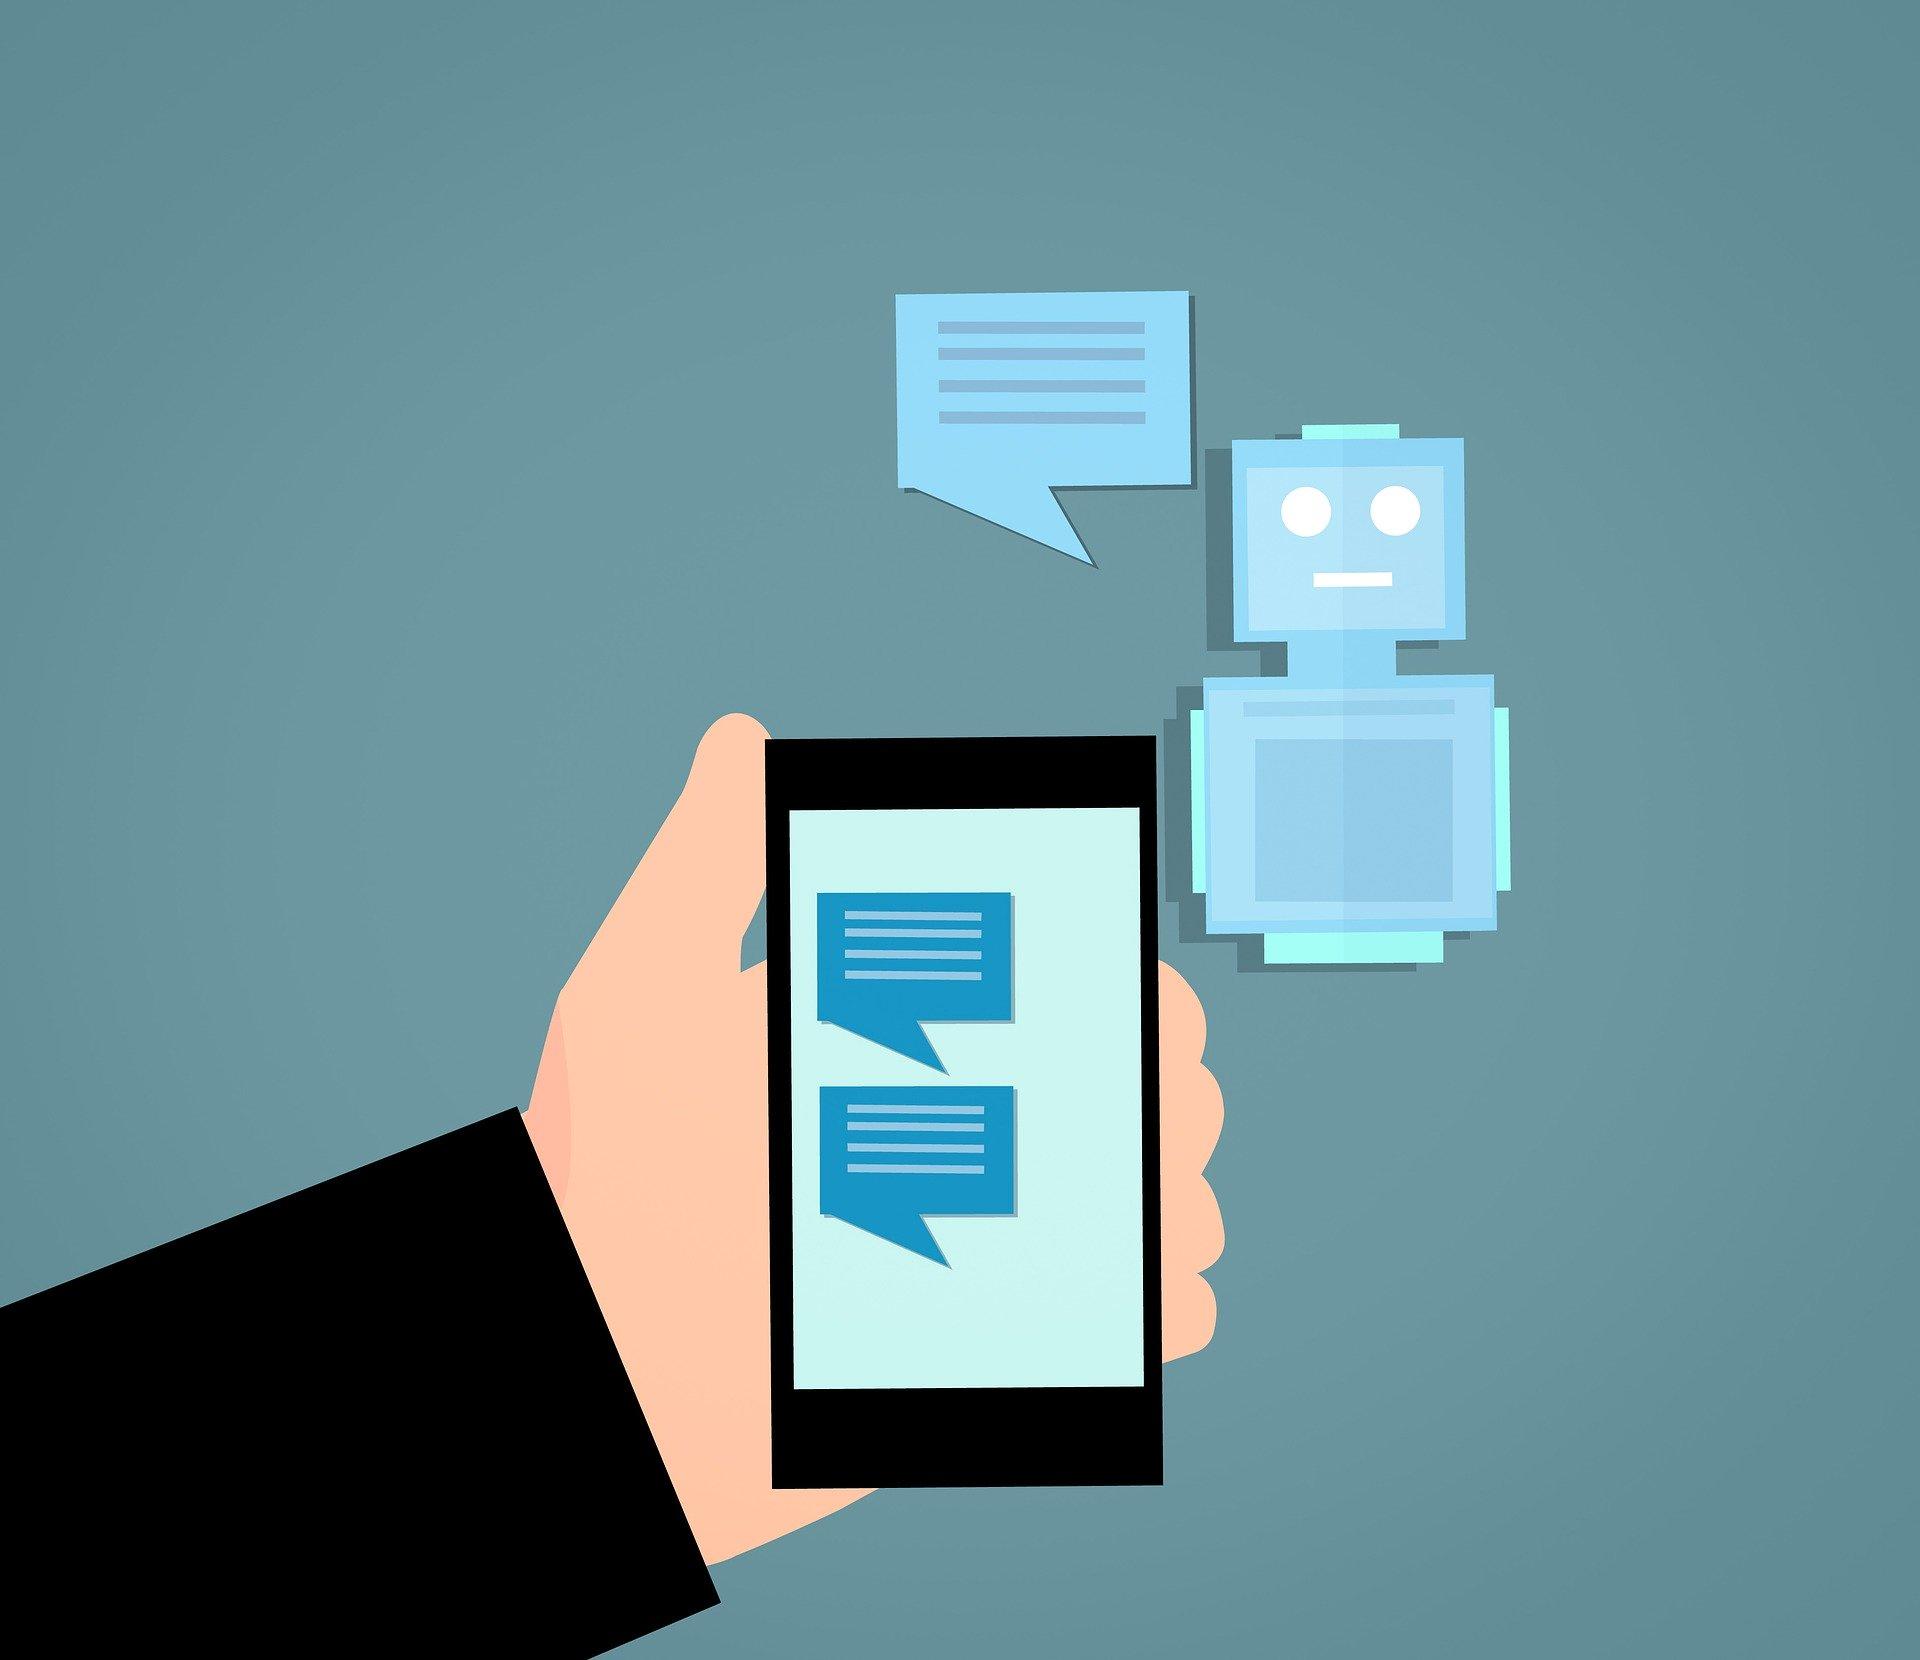 Tecknad chatbot och smarttelefon visar en dialog